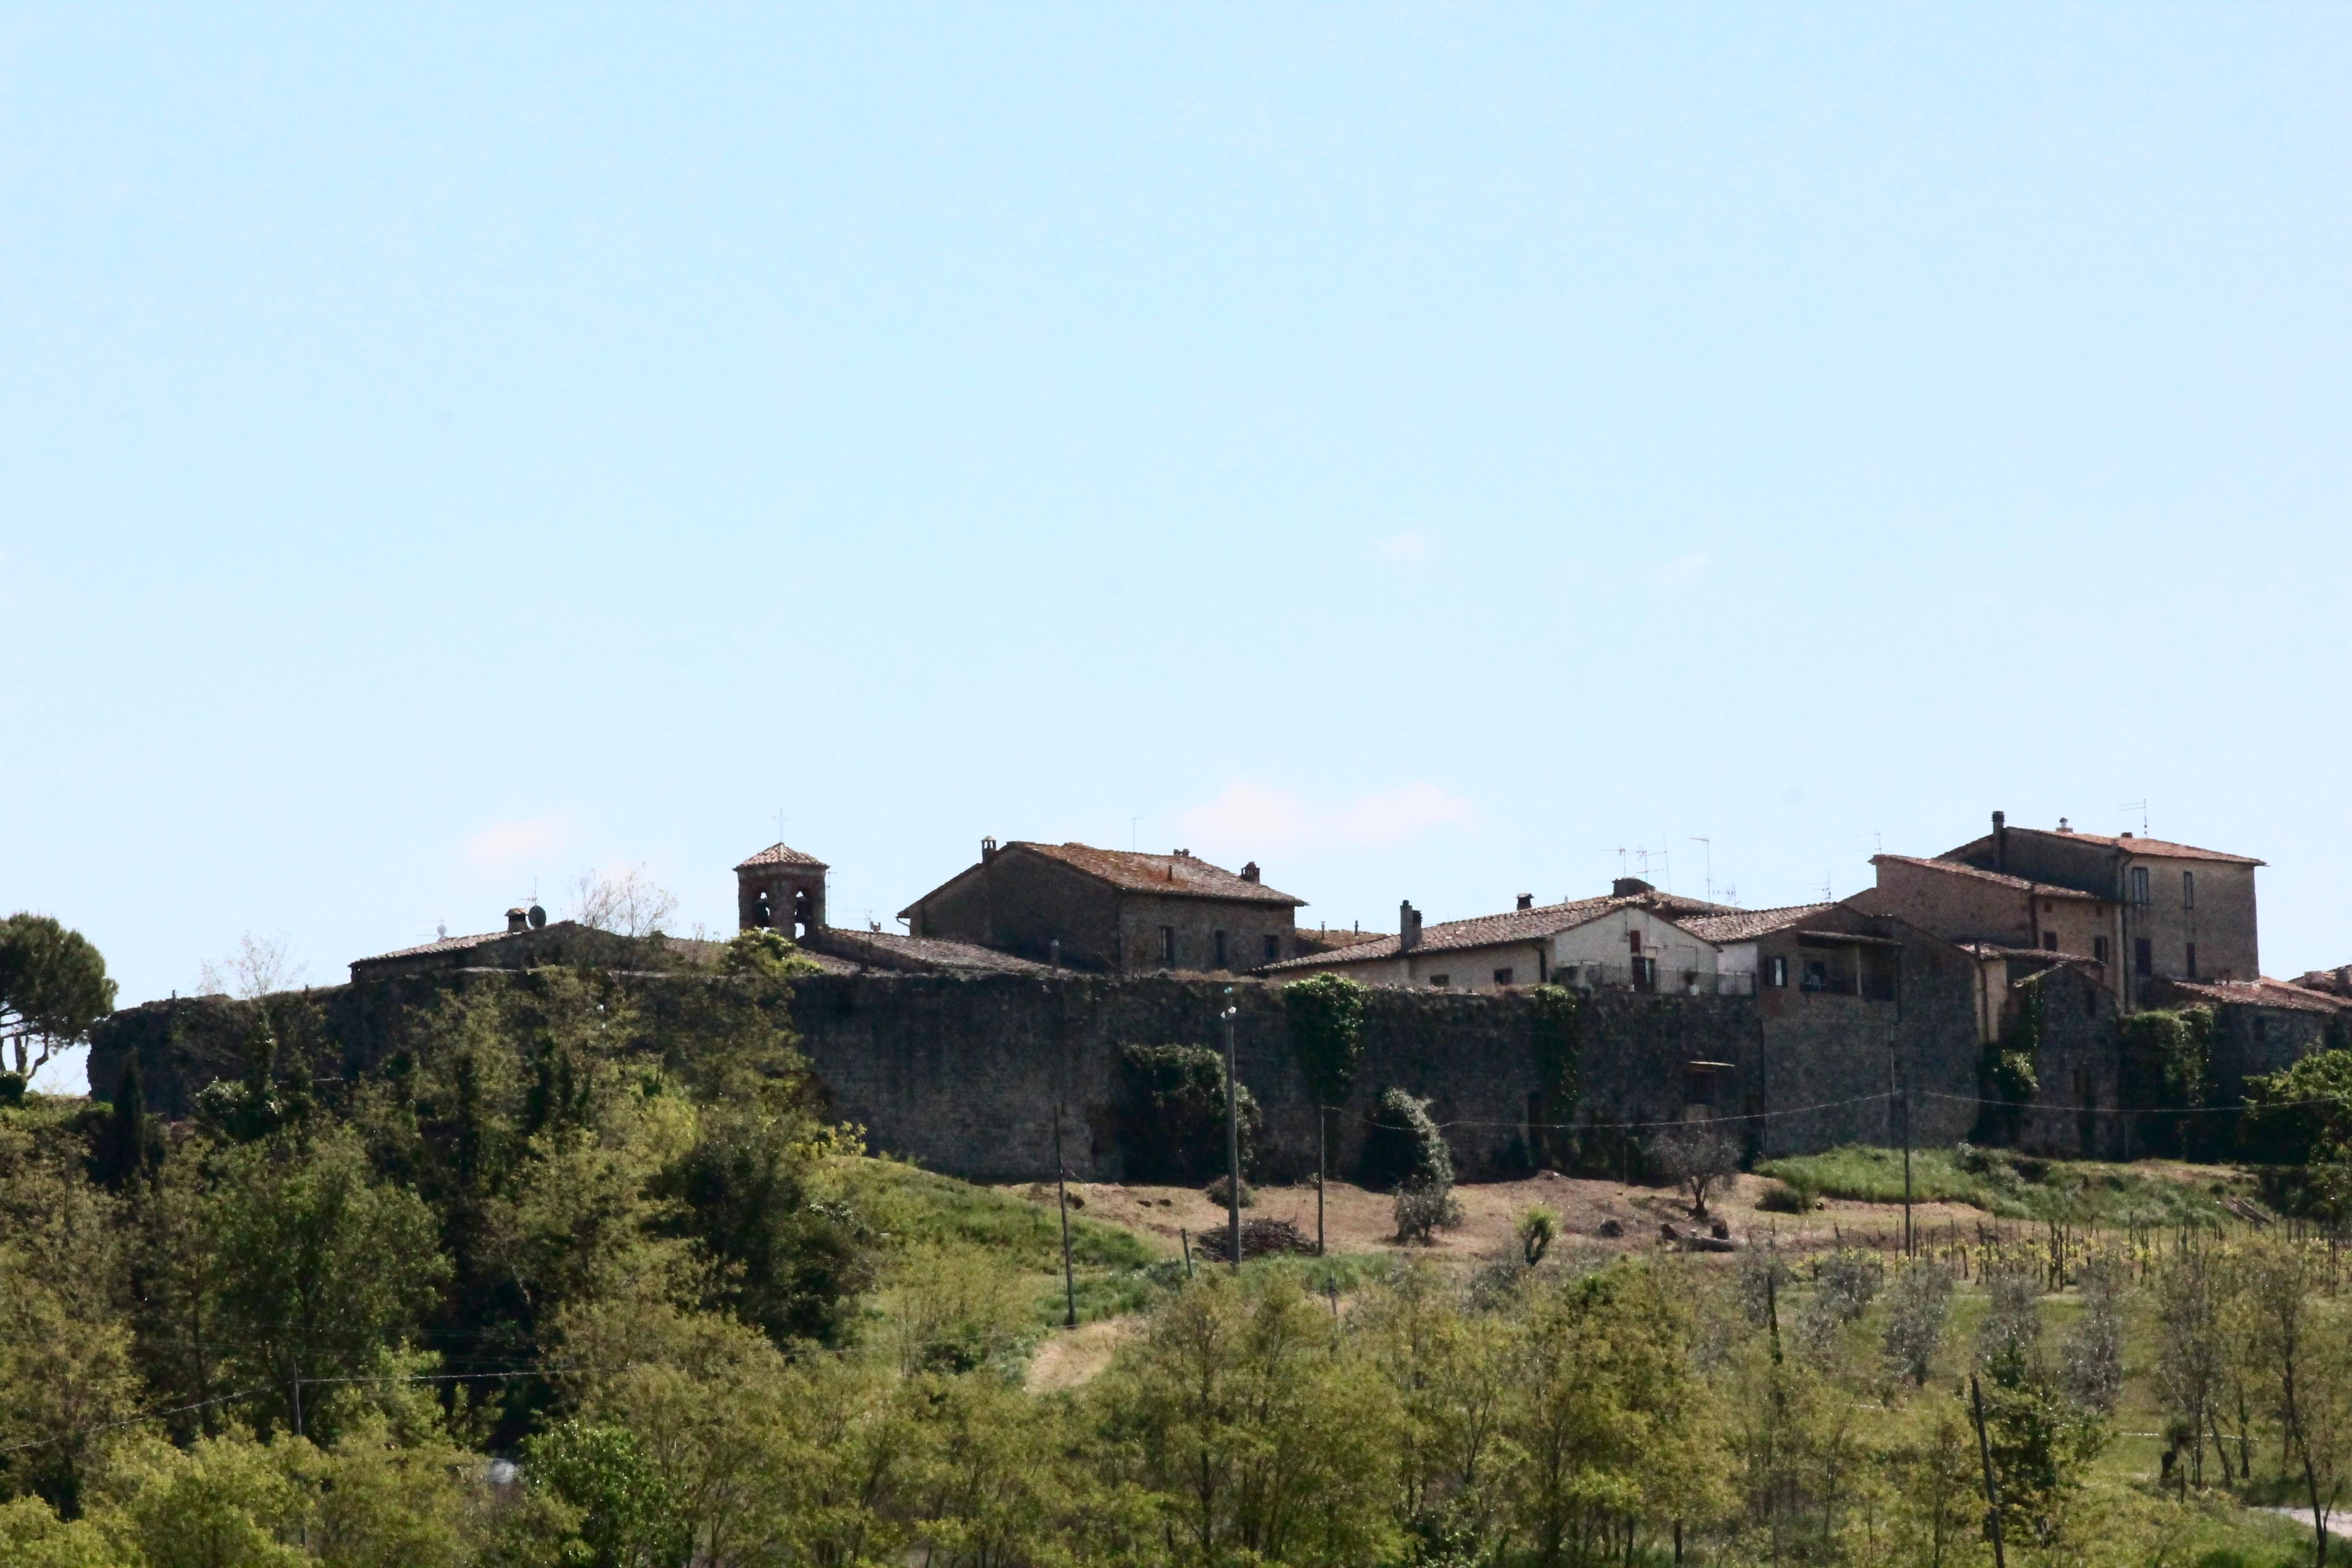 CastelSanGimignanoPanorama1.jpg